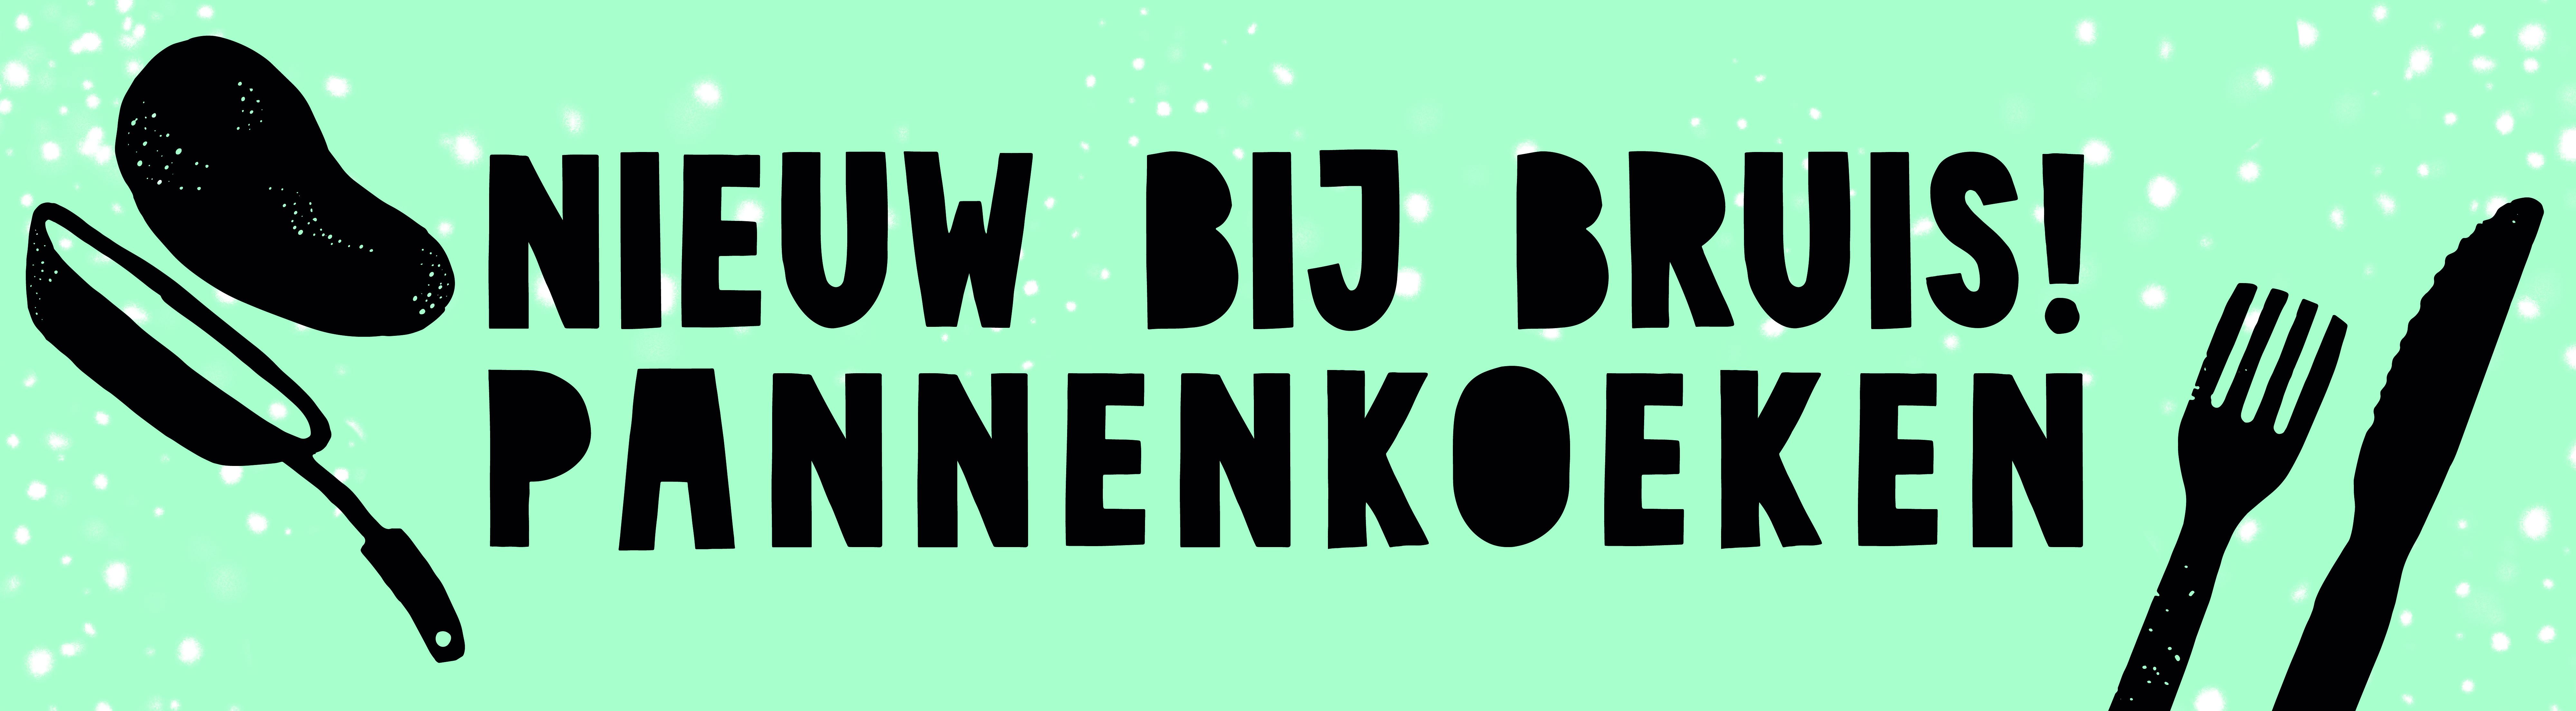 DEF_Banner_Pannenkoeken